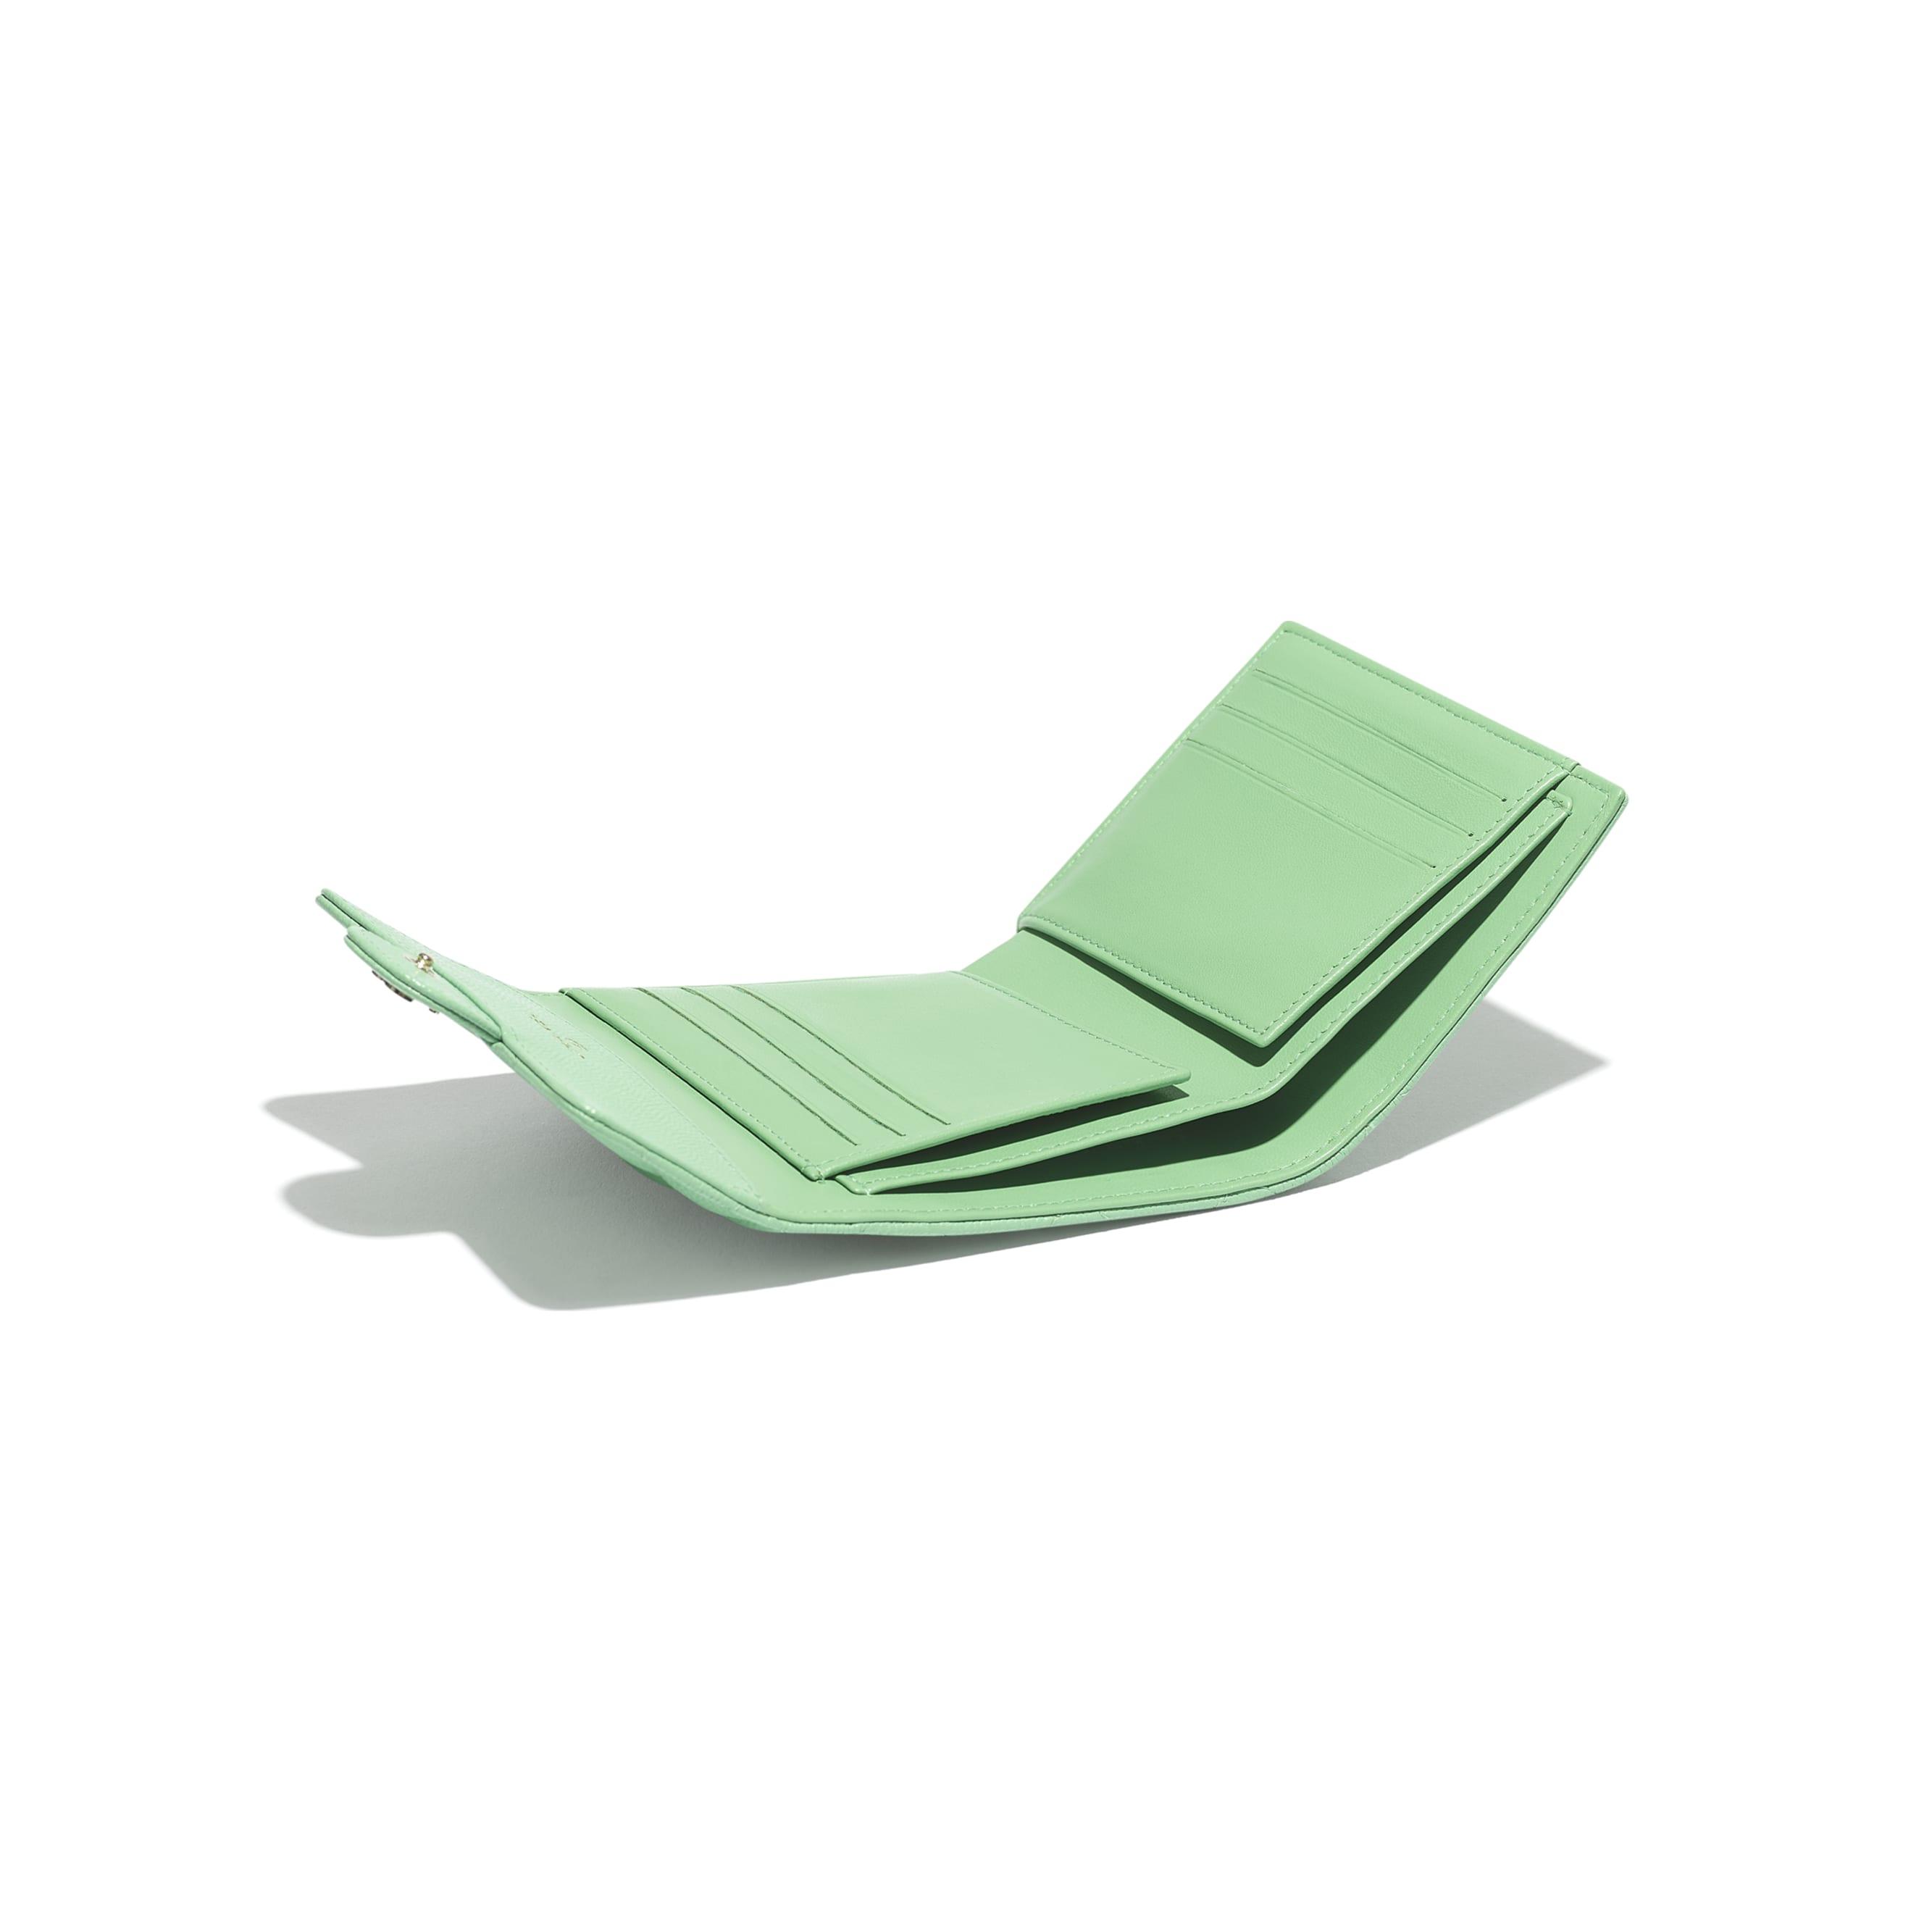 Portafoglio classico piccolo - Verde - Pelle martellata & metallo effetto dorato - CHANEL - Altra immagine - vedere versione standard